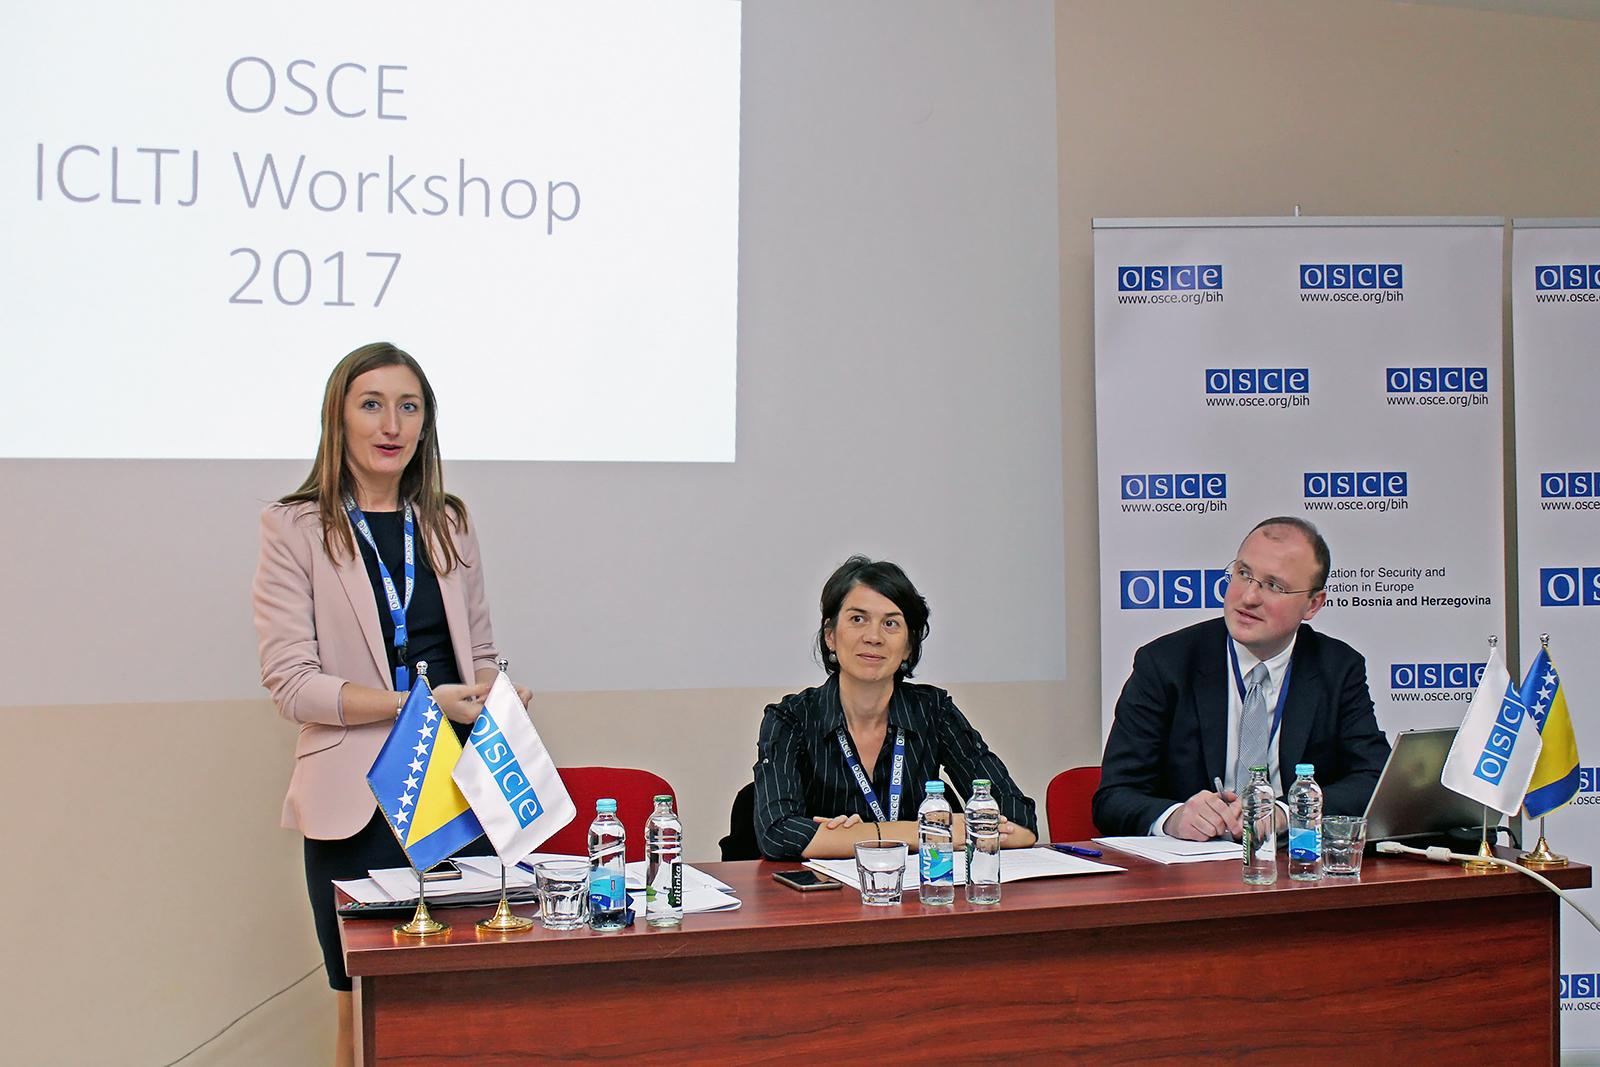 OSCE runs 2nd workshop for criminology students in Sarajevo